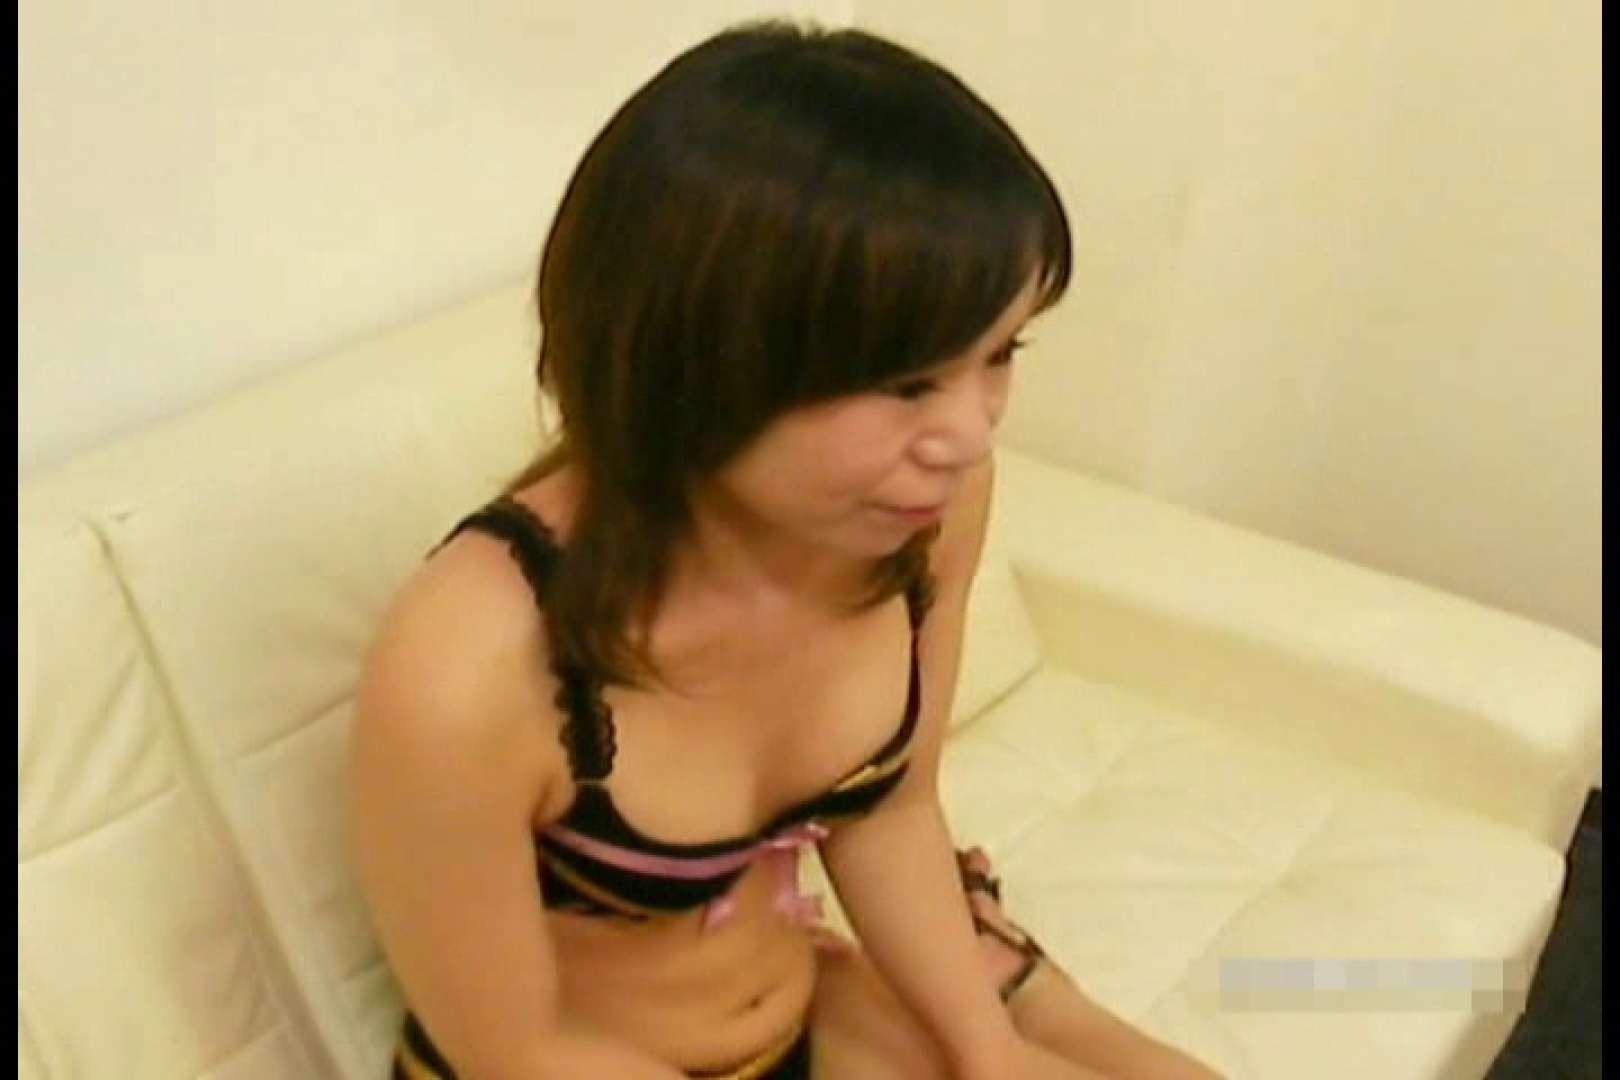 素人撮影 下着だけの撮影のはずが・・・ゆき24歳 盗撮  98pic 48